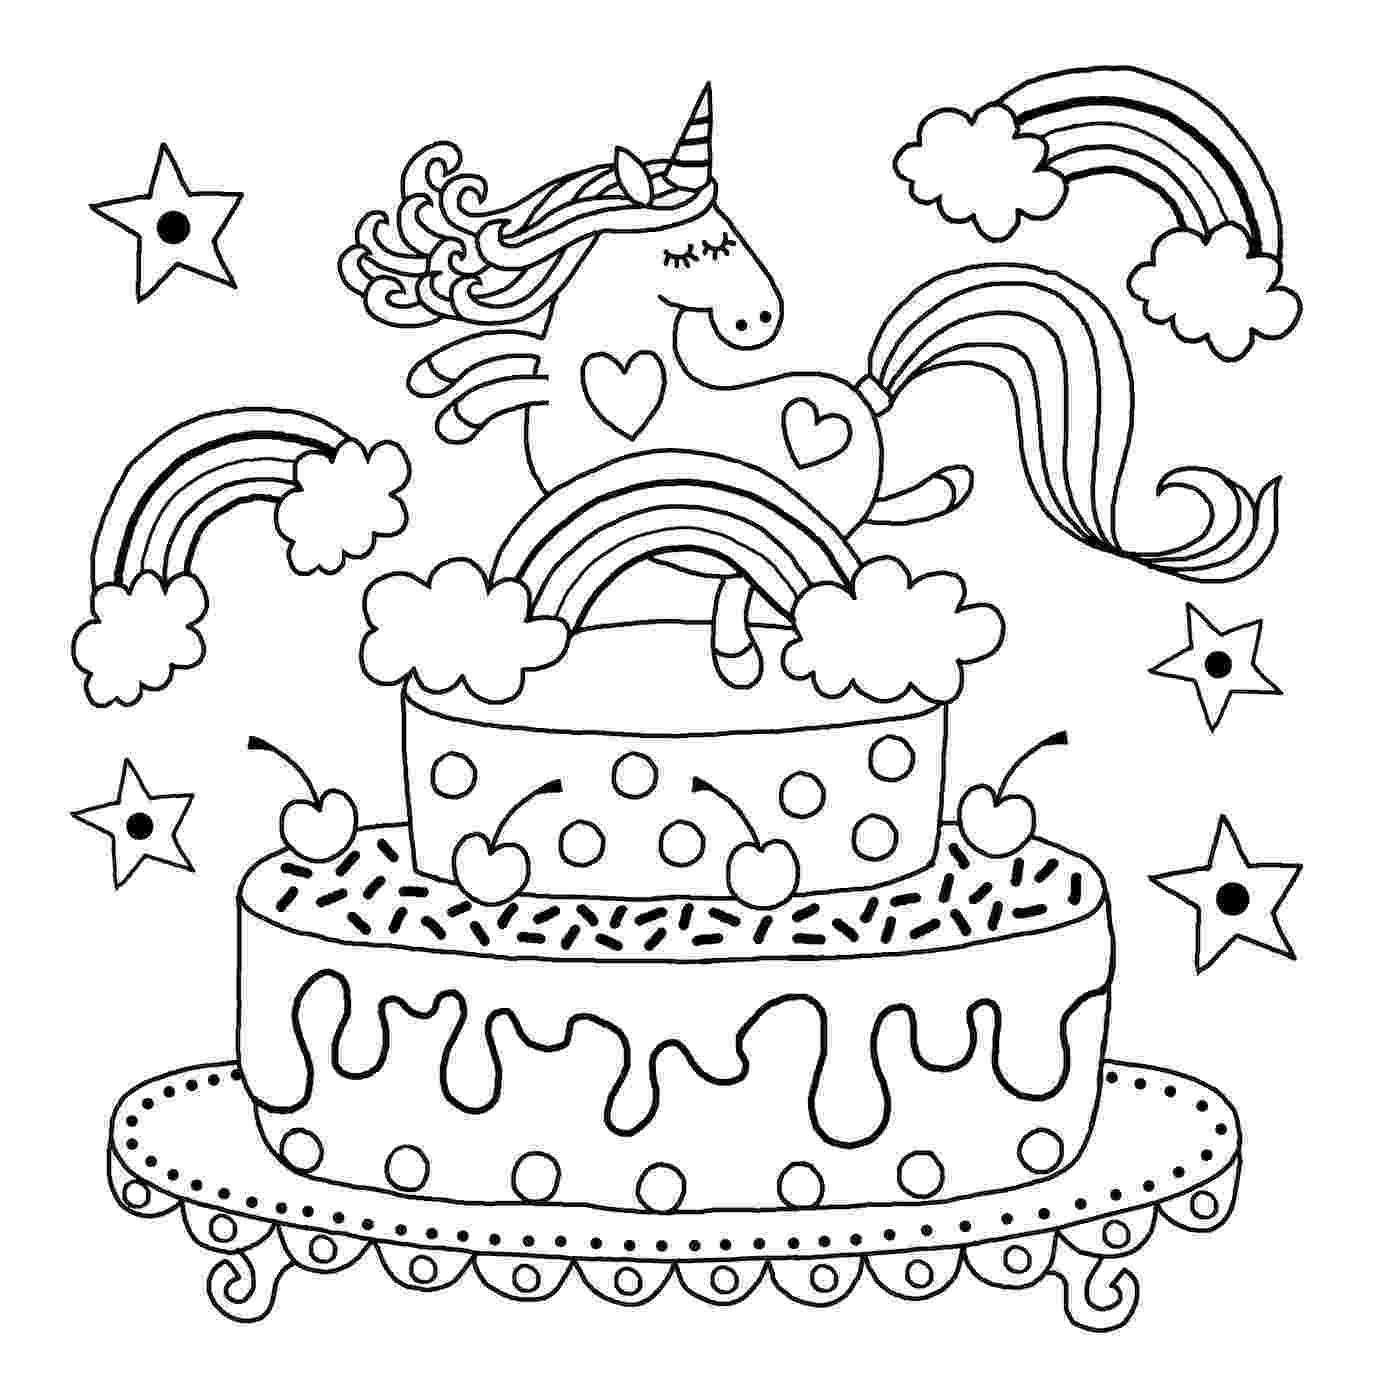 unicorn picture to color downloadable unicorn colouring page michael o39mara books to unicorn picture color